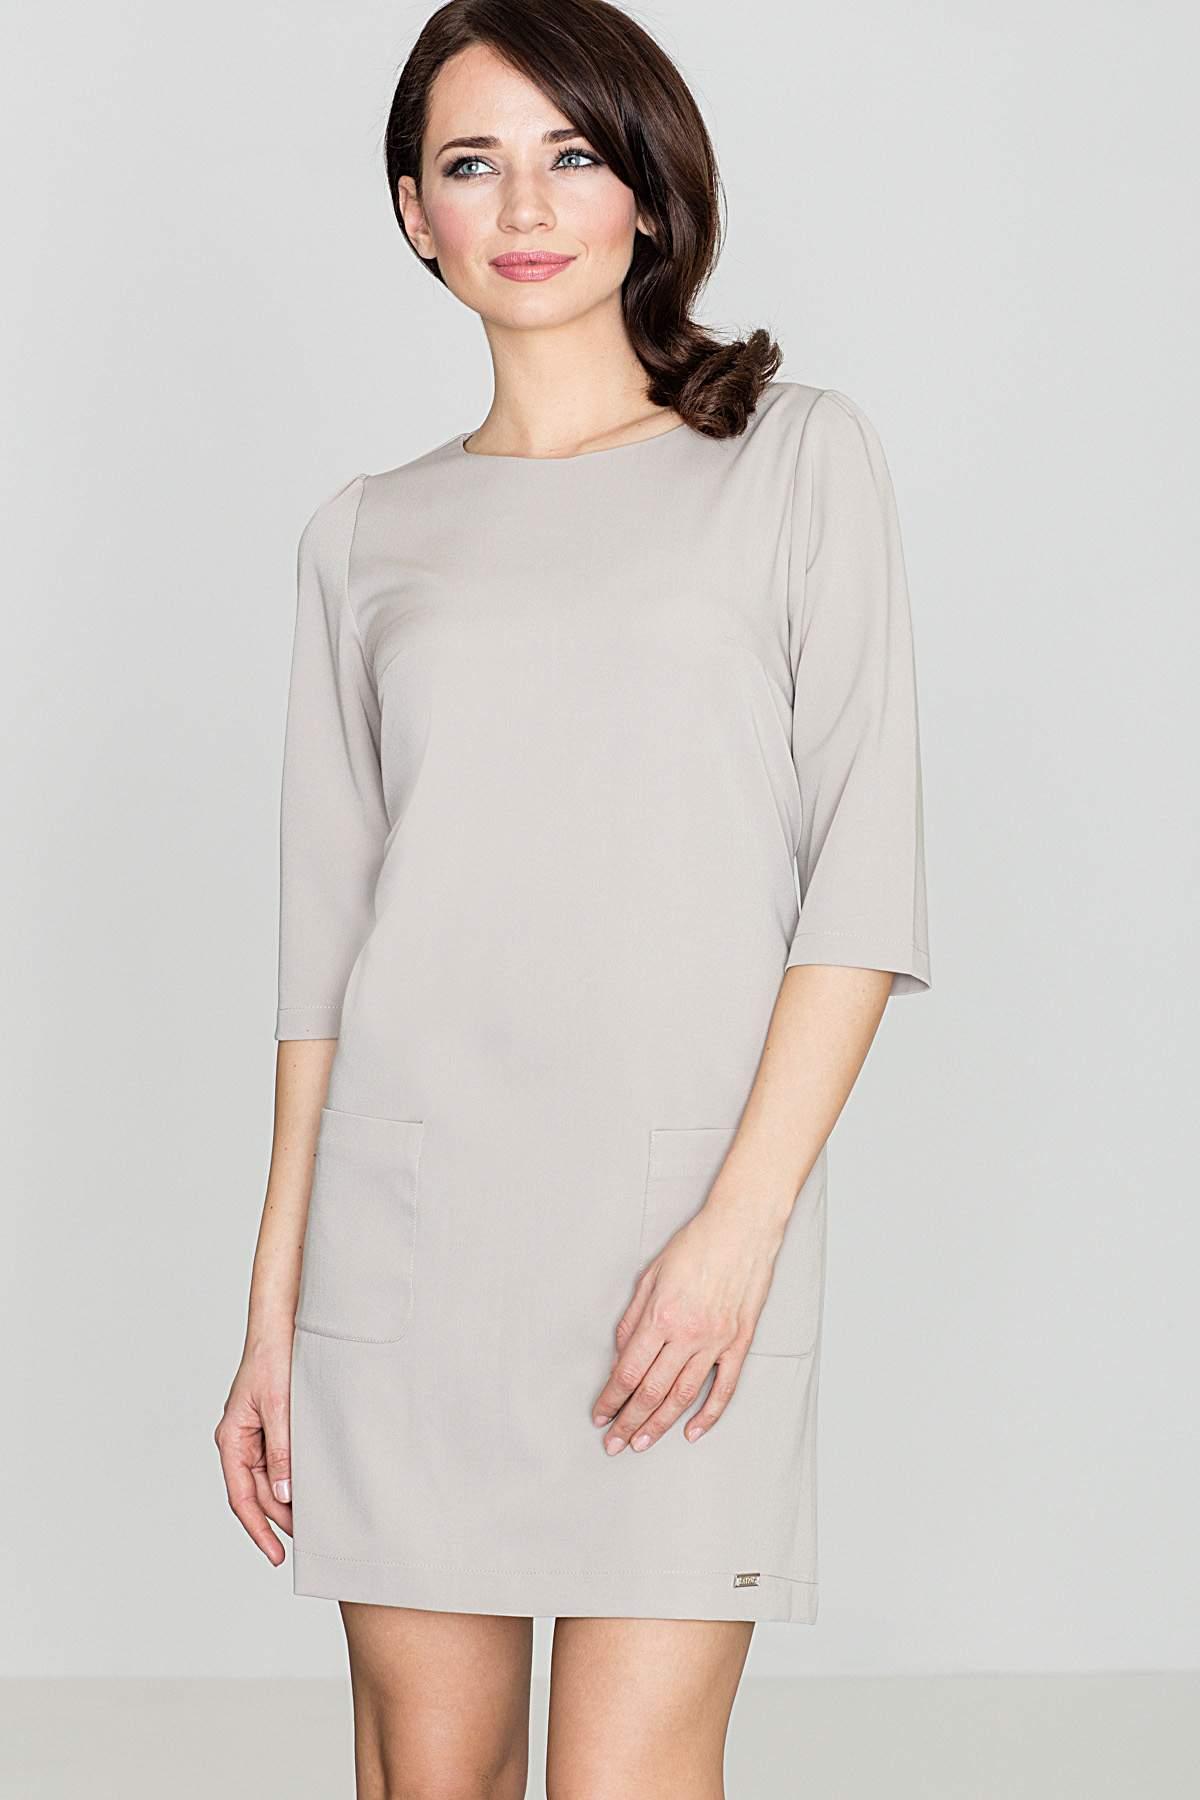 03961c8b0434 Γυναικεία   Ρούχα   Φορέματα   Καθημερινά   KATRUS katrus φορεμα με ...